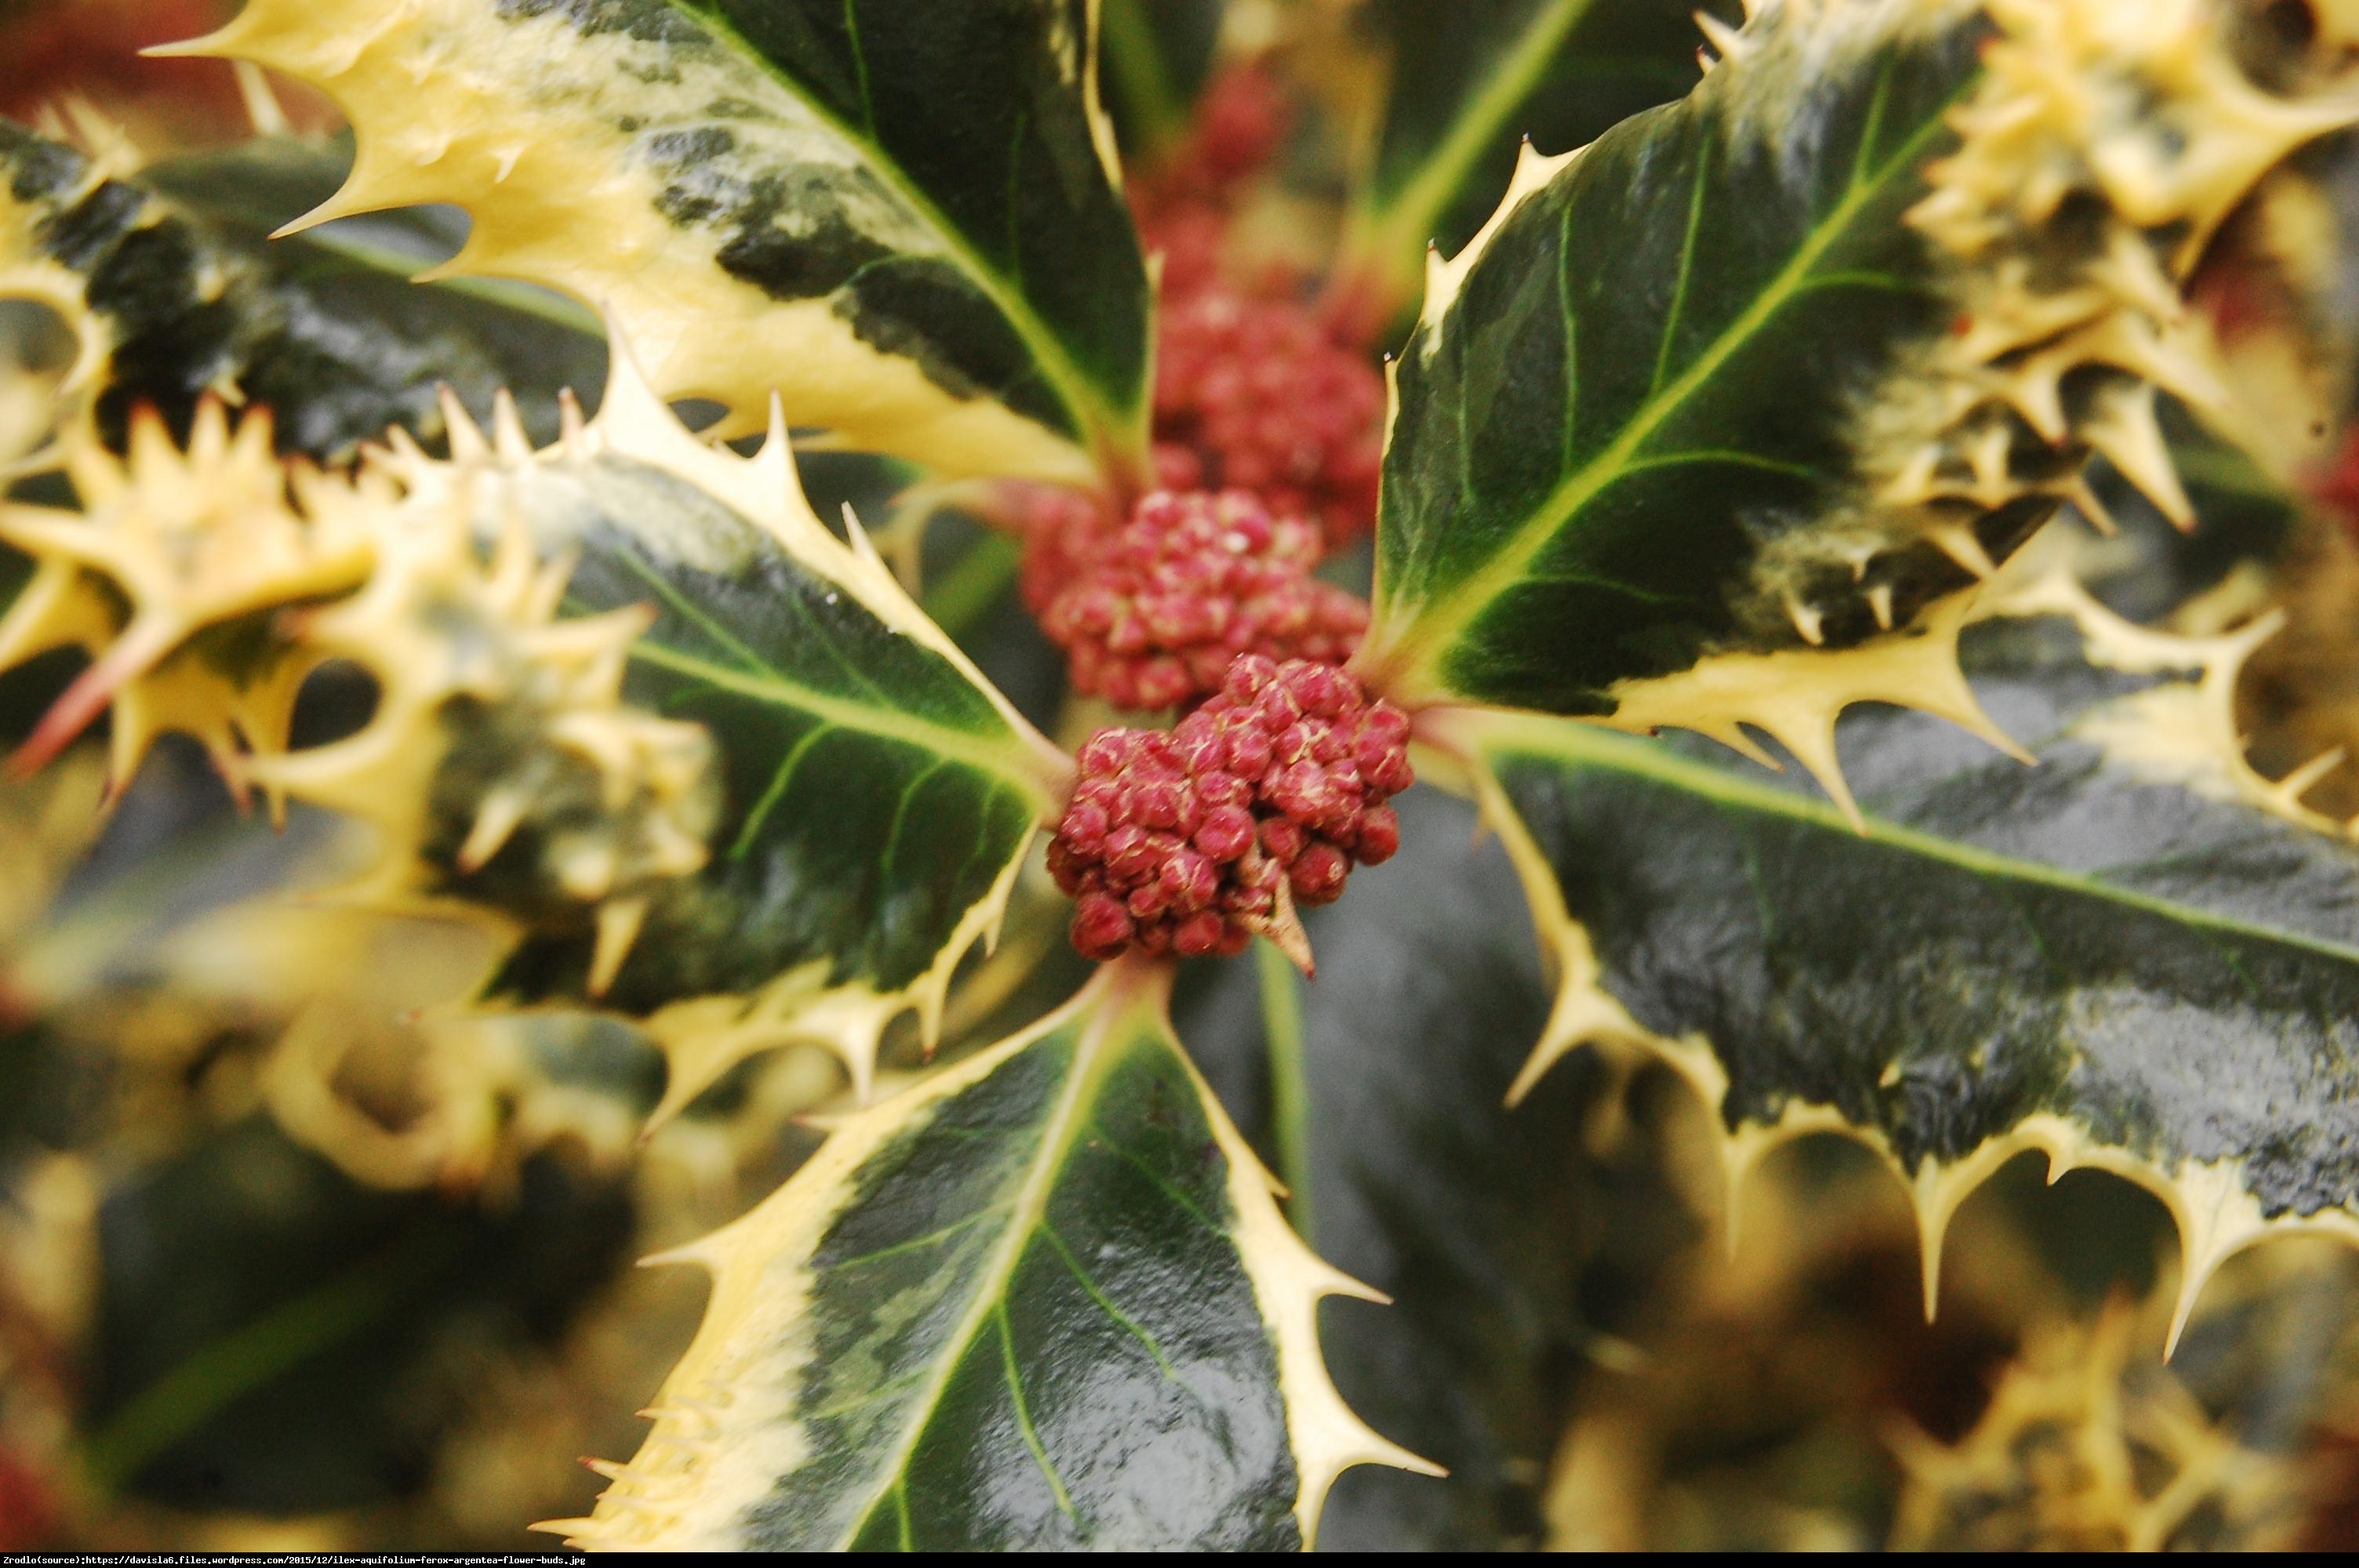 Ostrokrzew kolczasty Ferox Argentea  - Ilex aquifolium Ferox Argentea